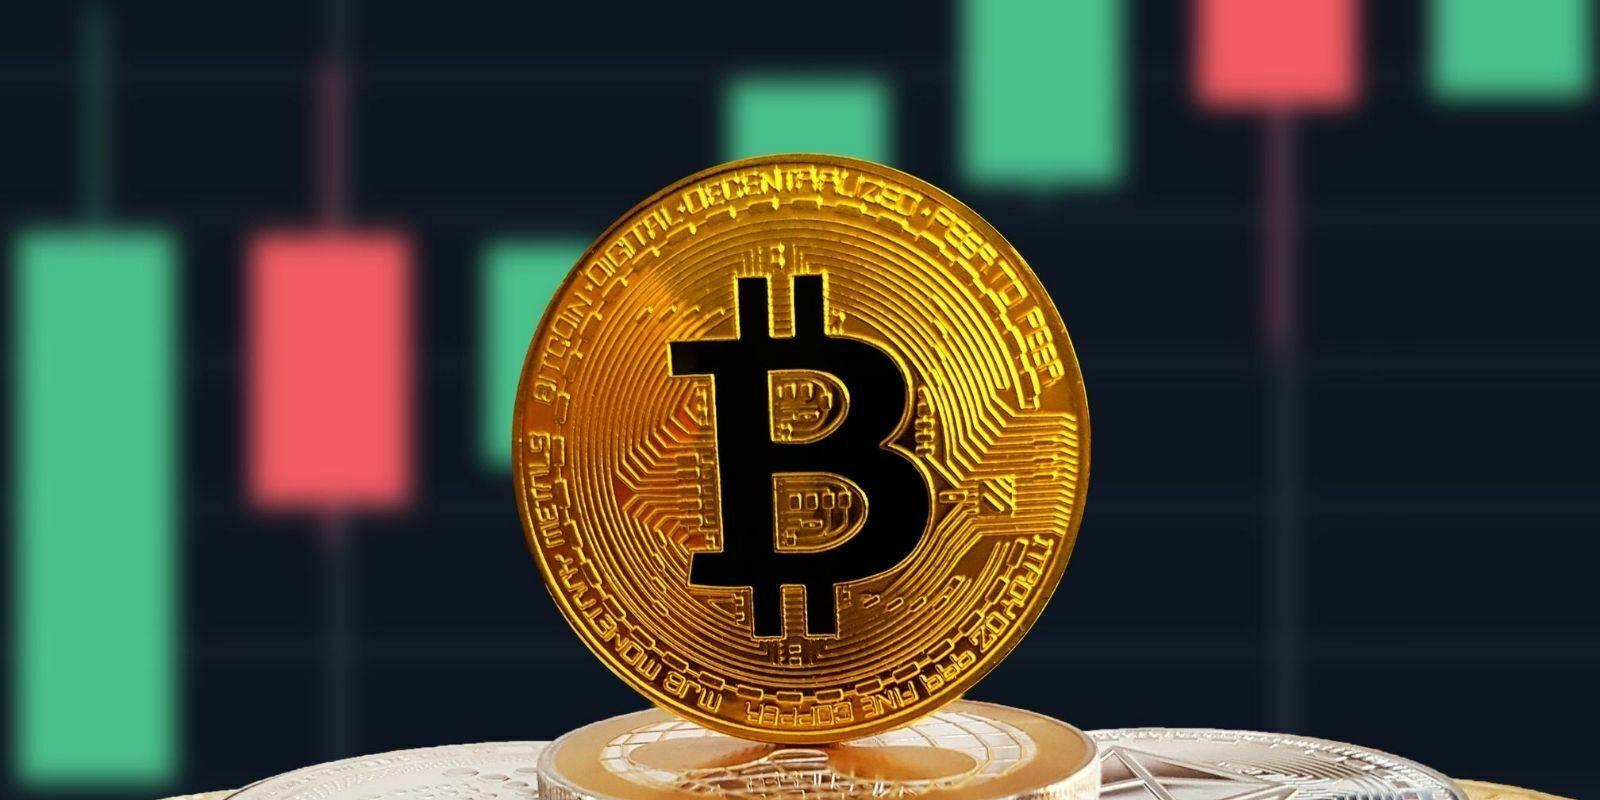 Bitcoin (BTC) : les positions ouvertes des institutionnels diminuent fortement